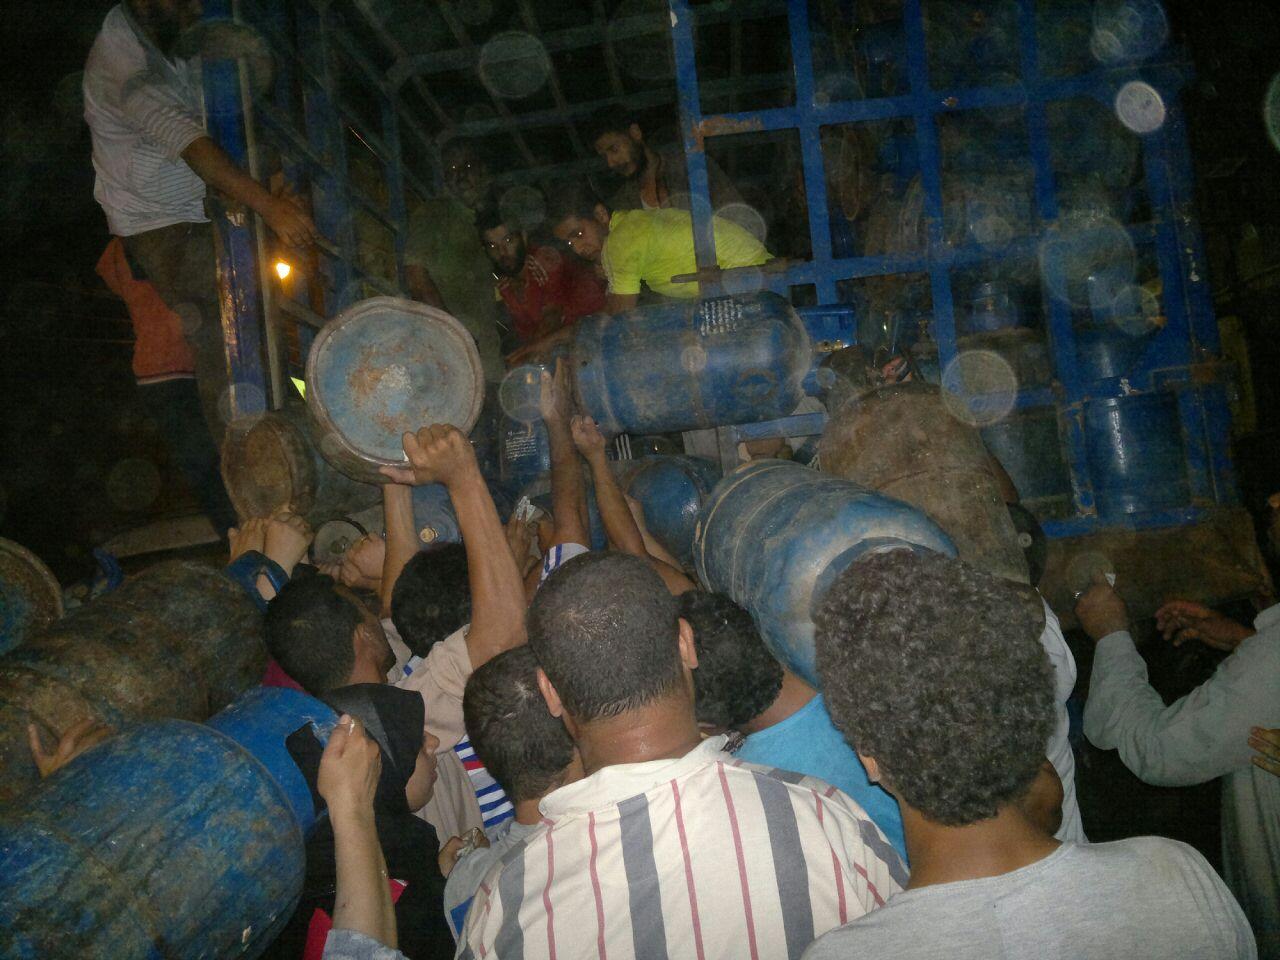 الجيزة| أزمة في أنابيب البوتاجاز وانتعاش السوق السوداء بالبراجيل (صور)